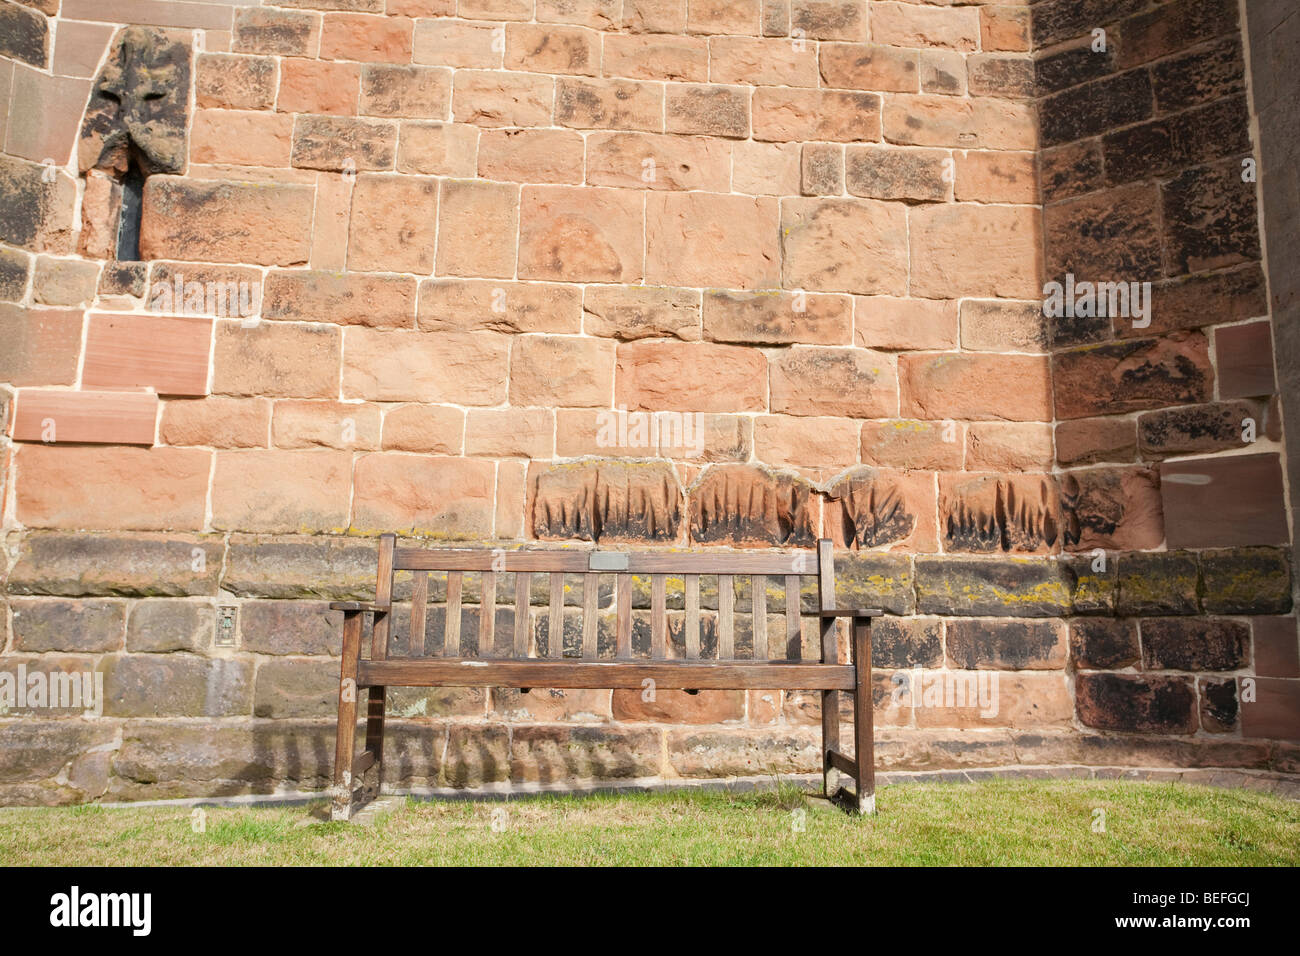 Banqueta en el césped delante de una pared de la iglesia Imagen De Stock